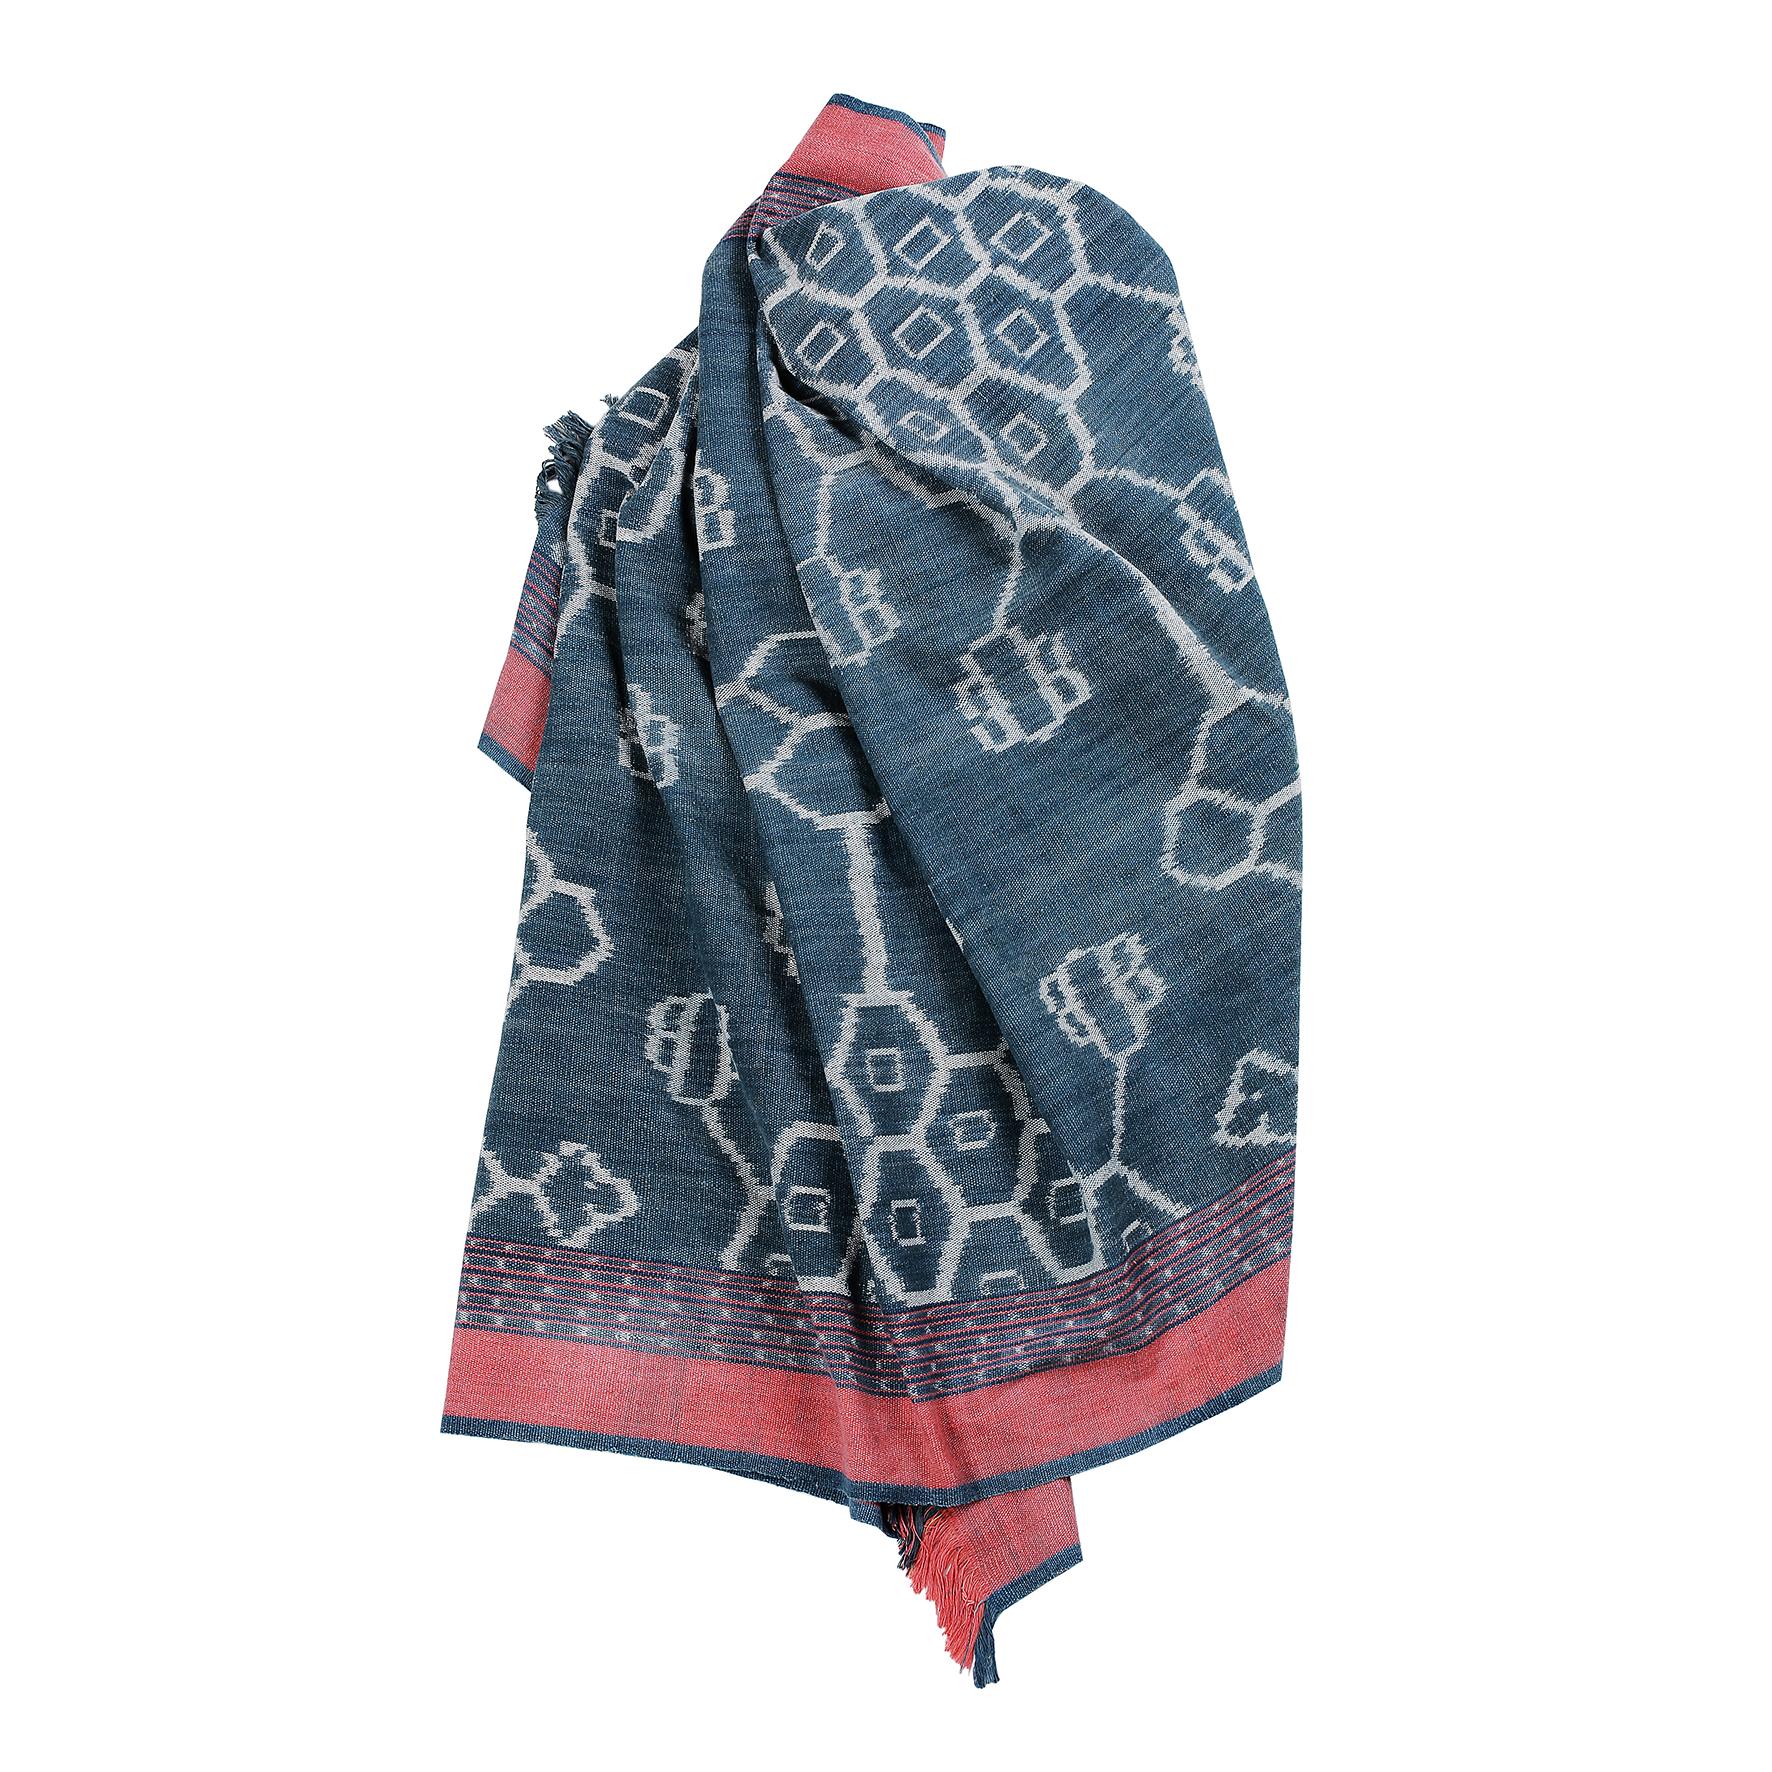 Pareo & Towel, Full Wenda Kapa Wuan, Indigo Blue, Red, Cotton